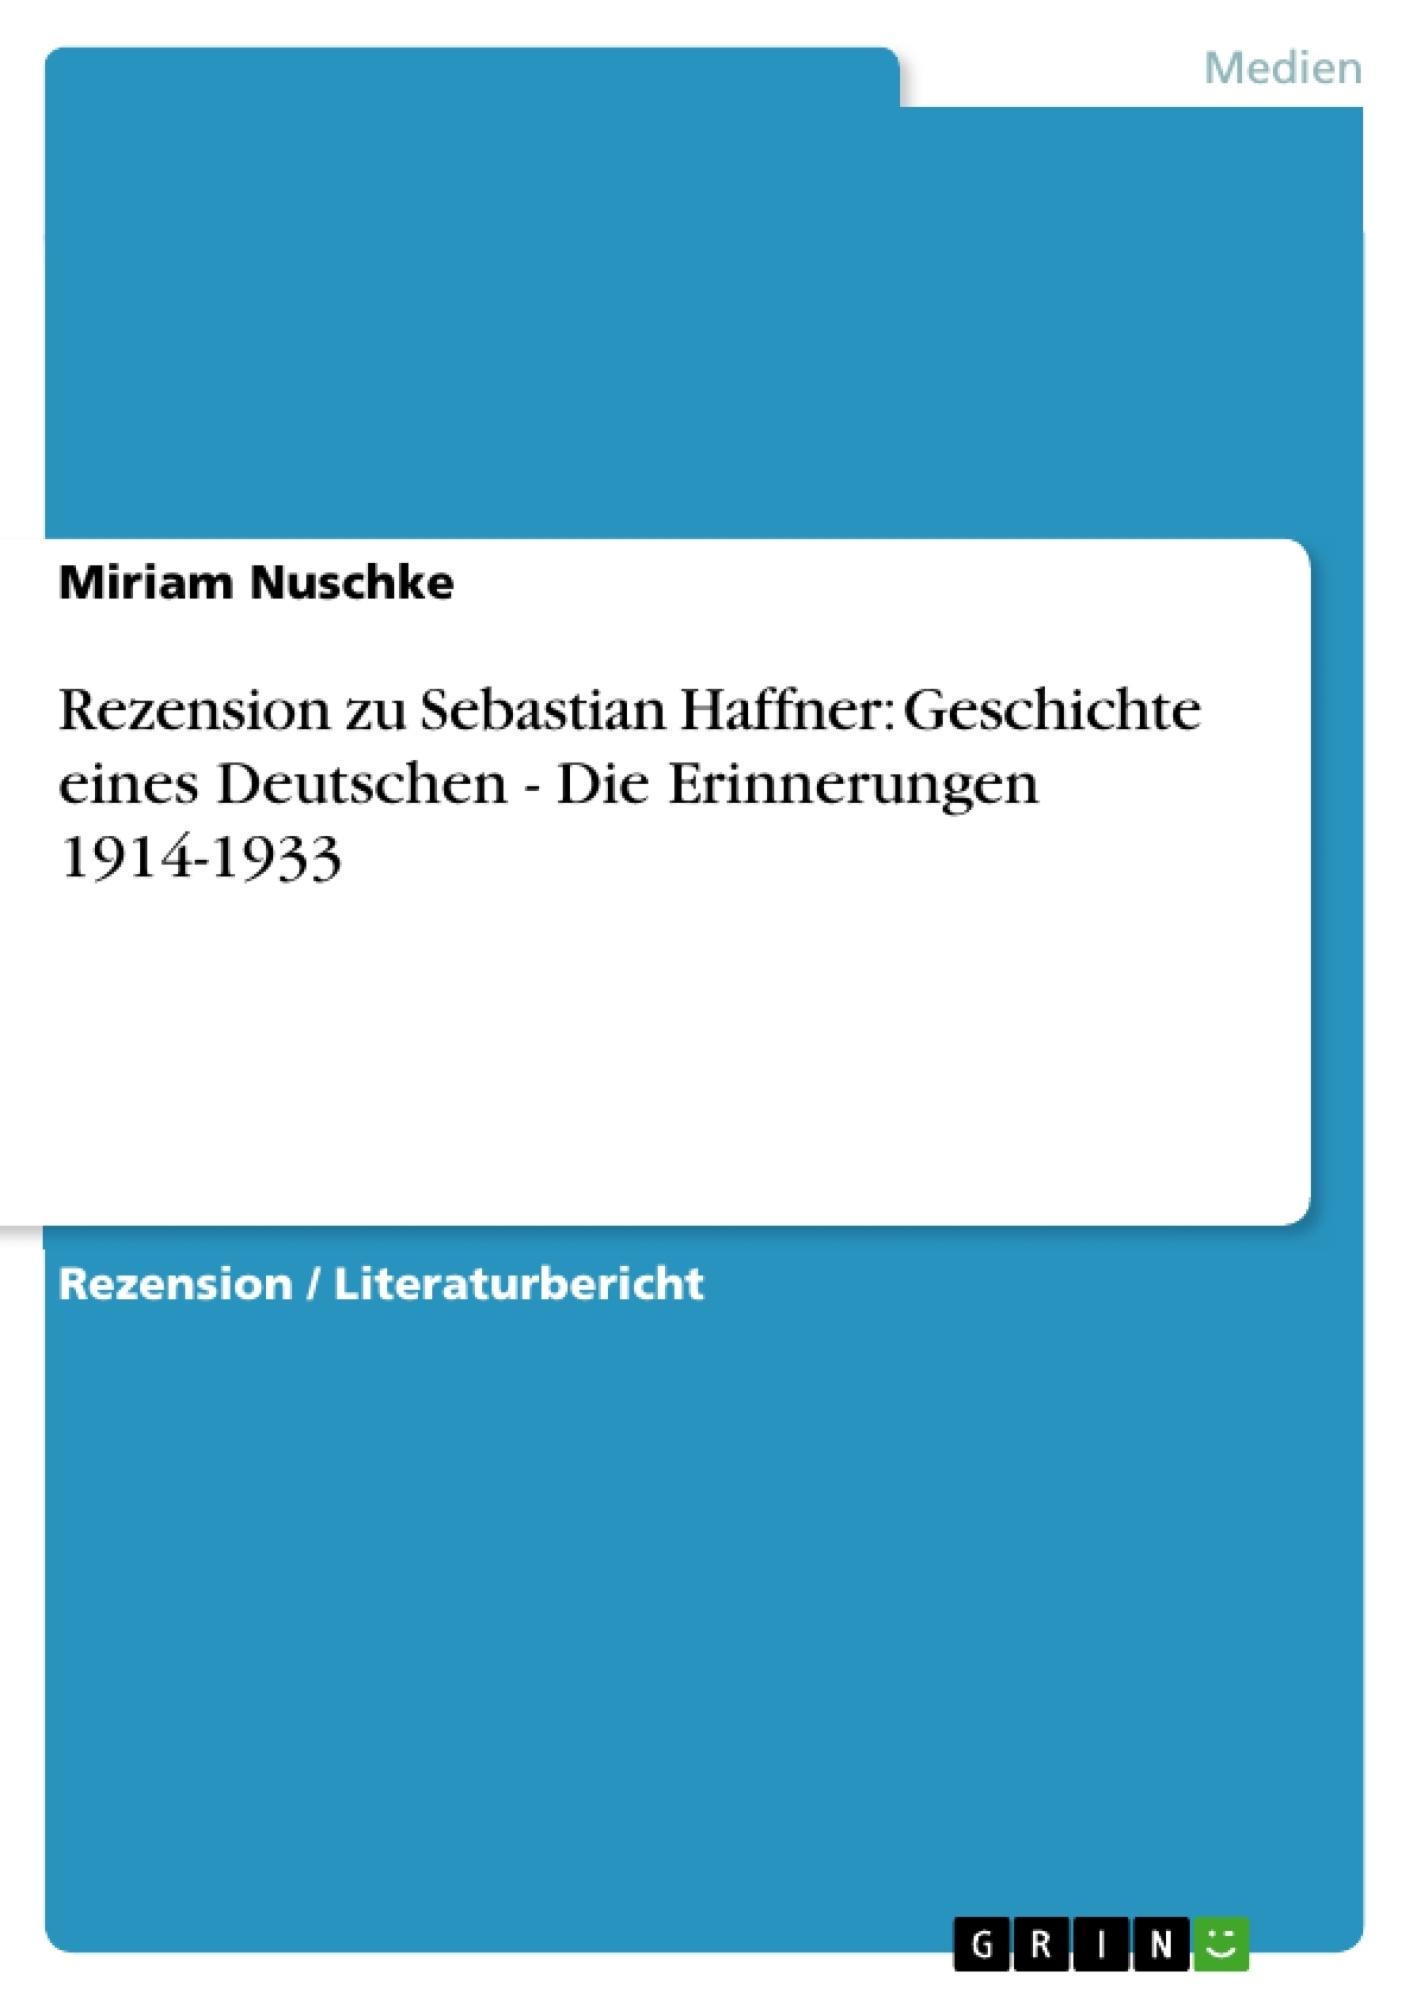 Titel: Rezension zu Sebastian Haffner: Geschichte eines Deutschen - Die Erinnerungen 1914-1933